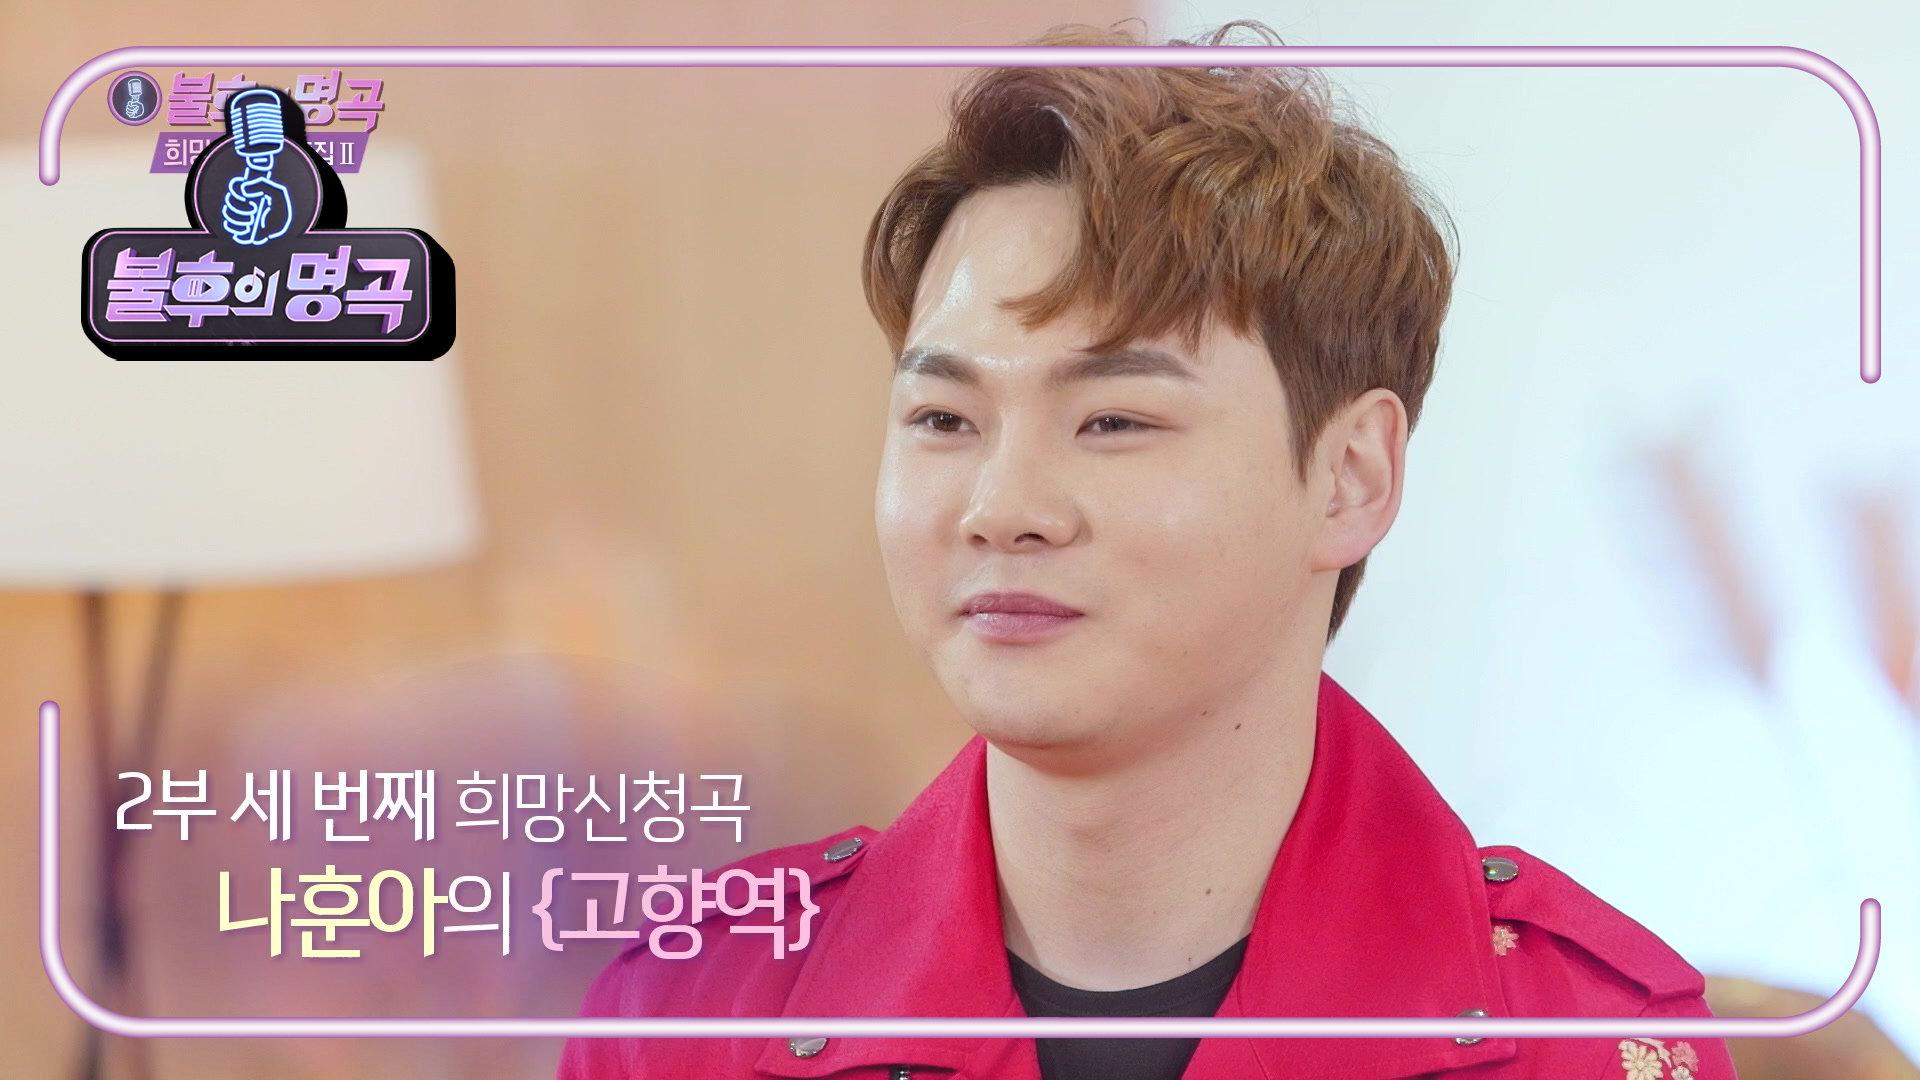 텅 빈 대학가의 안타까움을 담은 신청곡... 박서진이 부를 노래는? | KBS 210227 방송